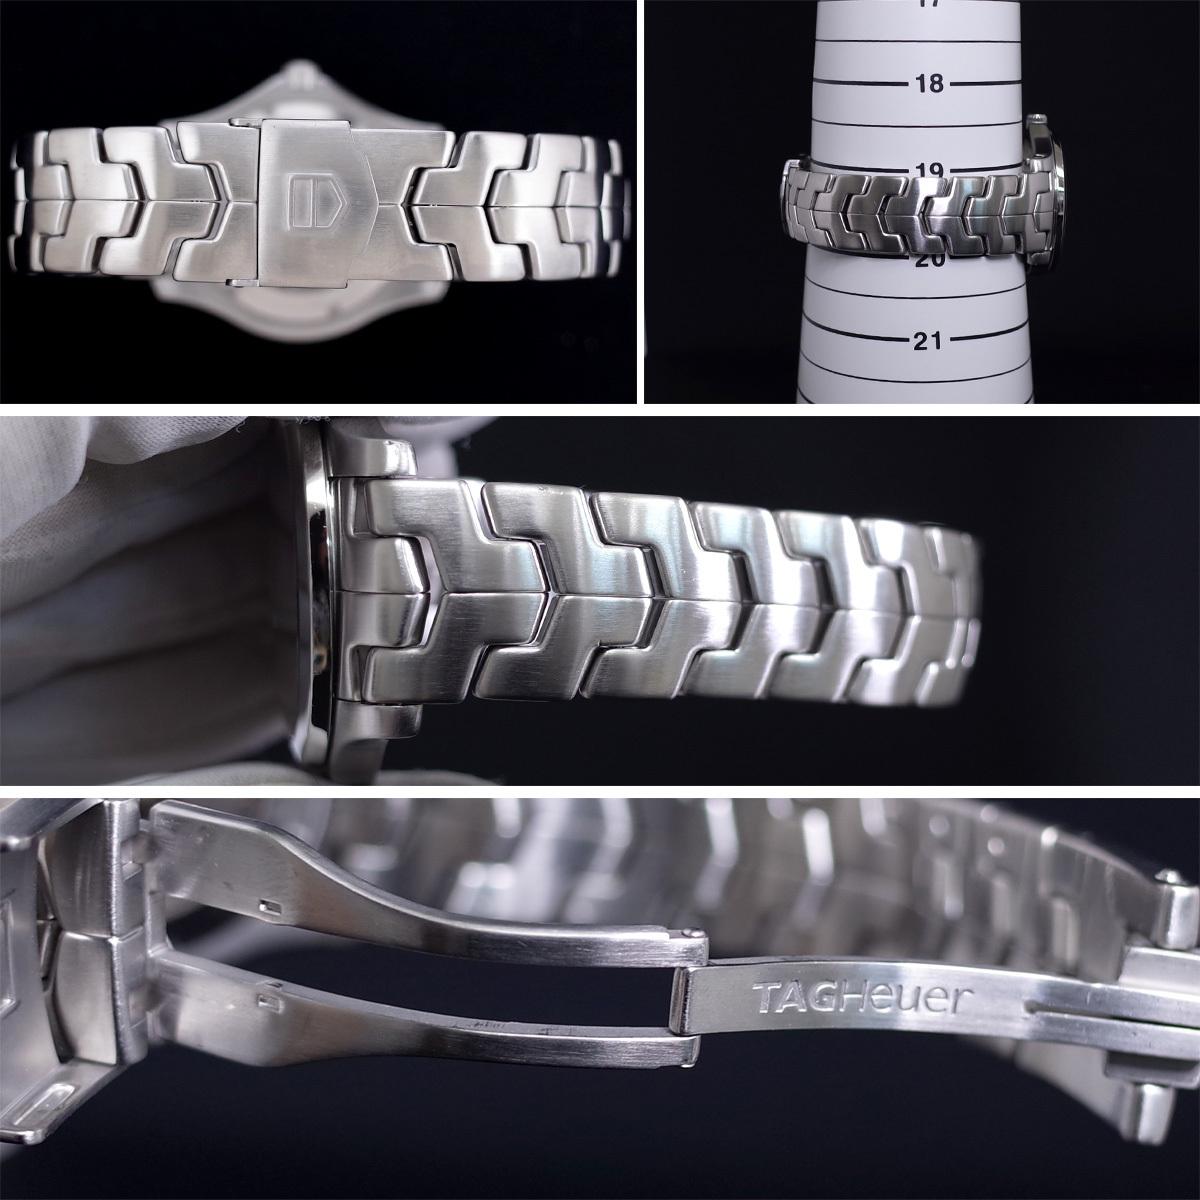 1年保証♪タグホイヤー【リンク】キャリバー6 WJF211A 自動巻 黒文字盤 ブラック ブレスレット 箱 メンズ 腕時計 TAG HEUER_画像8